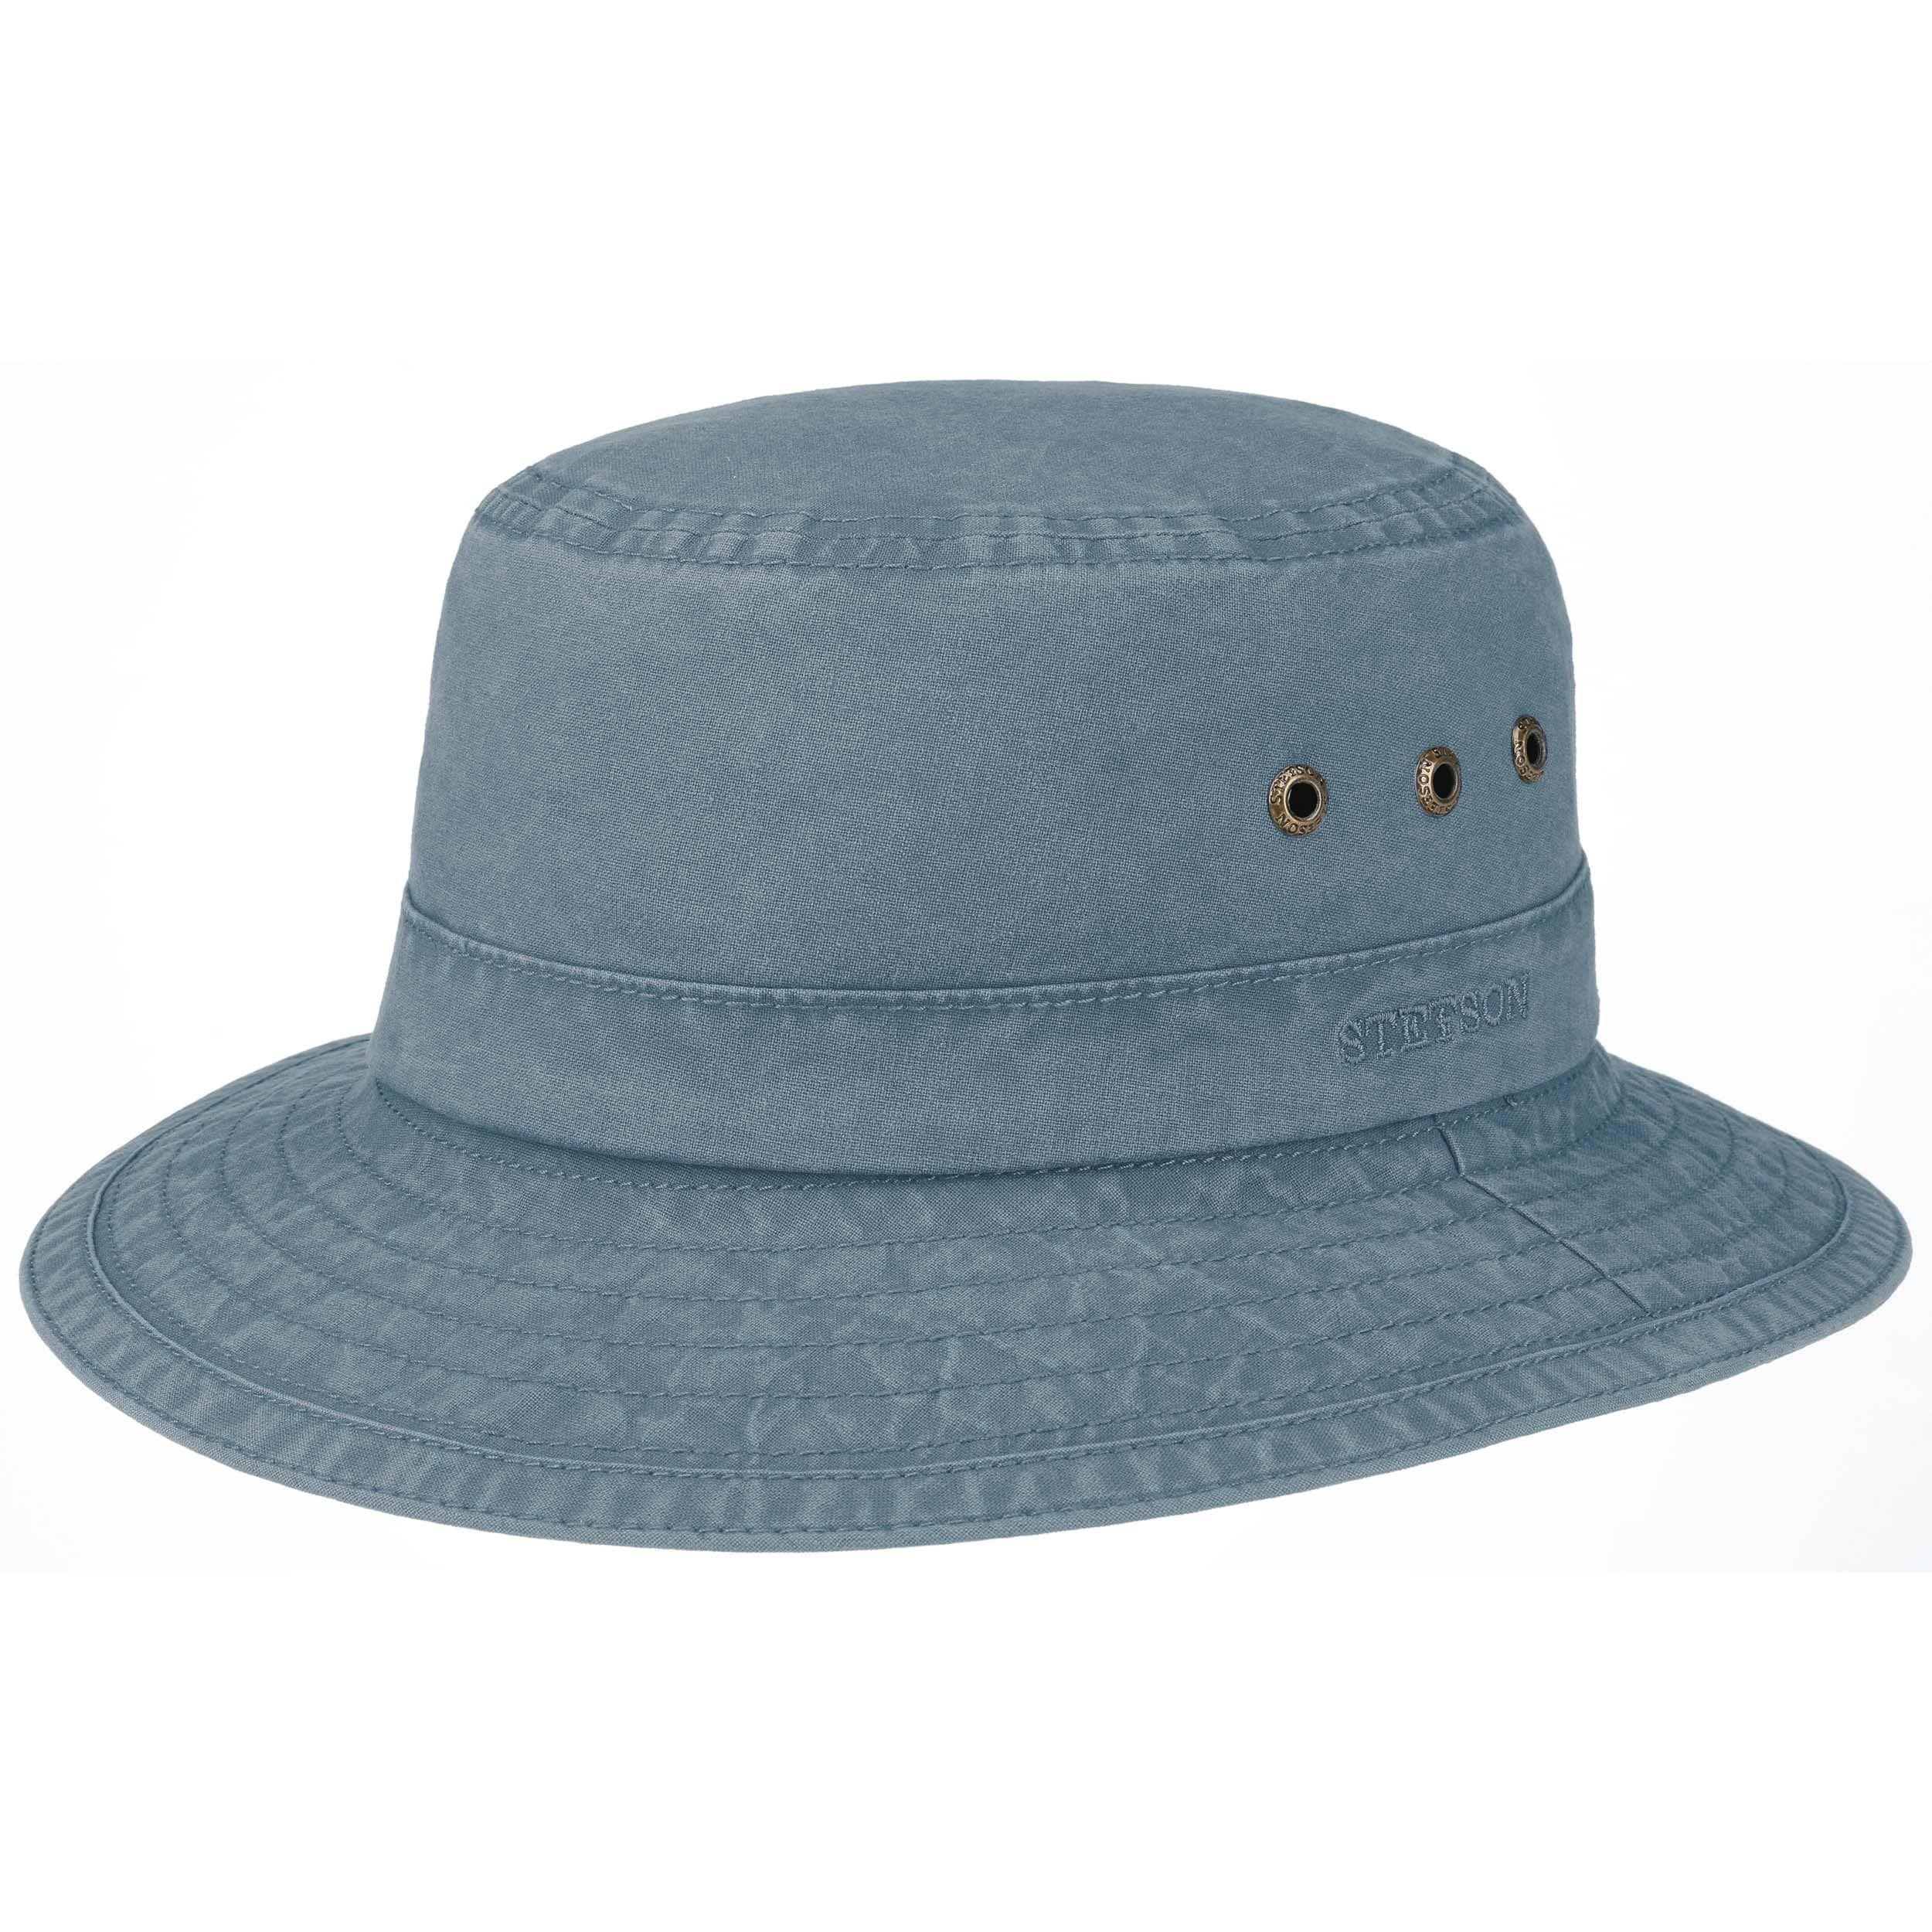 Reston Bucket Hat blue